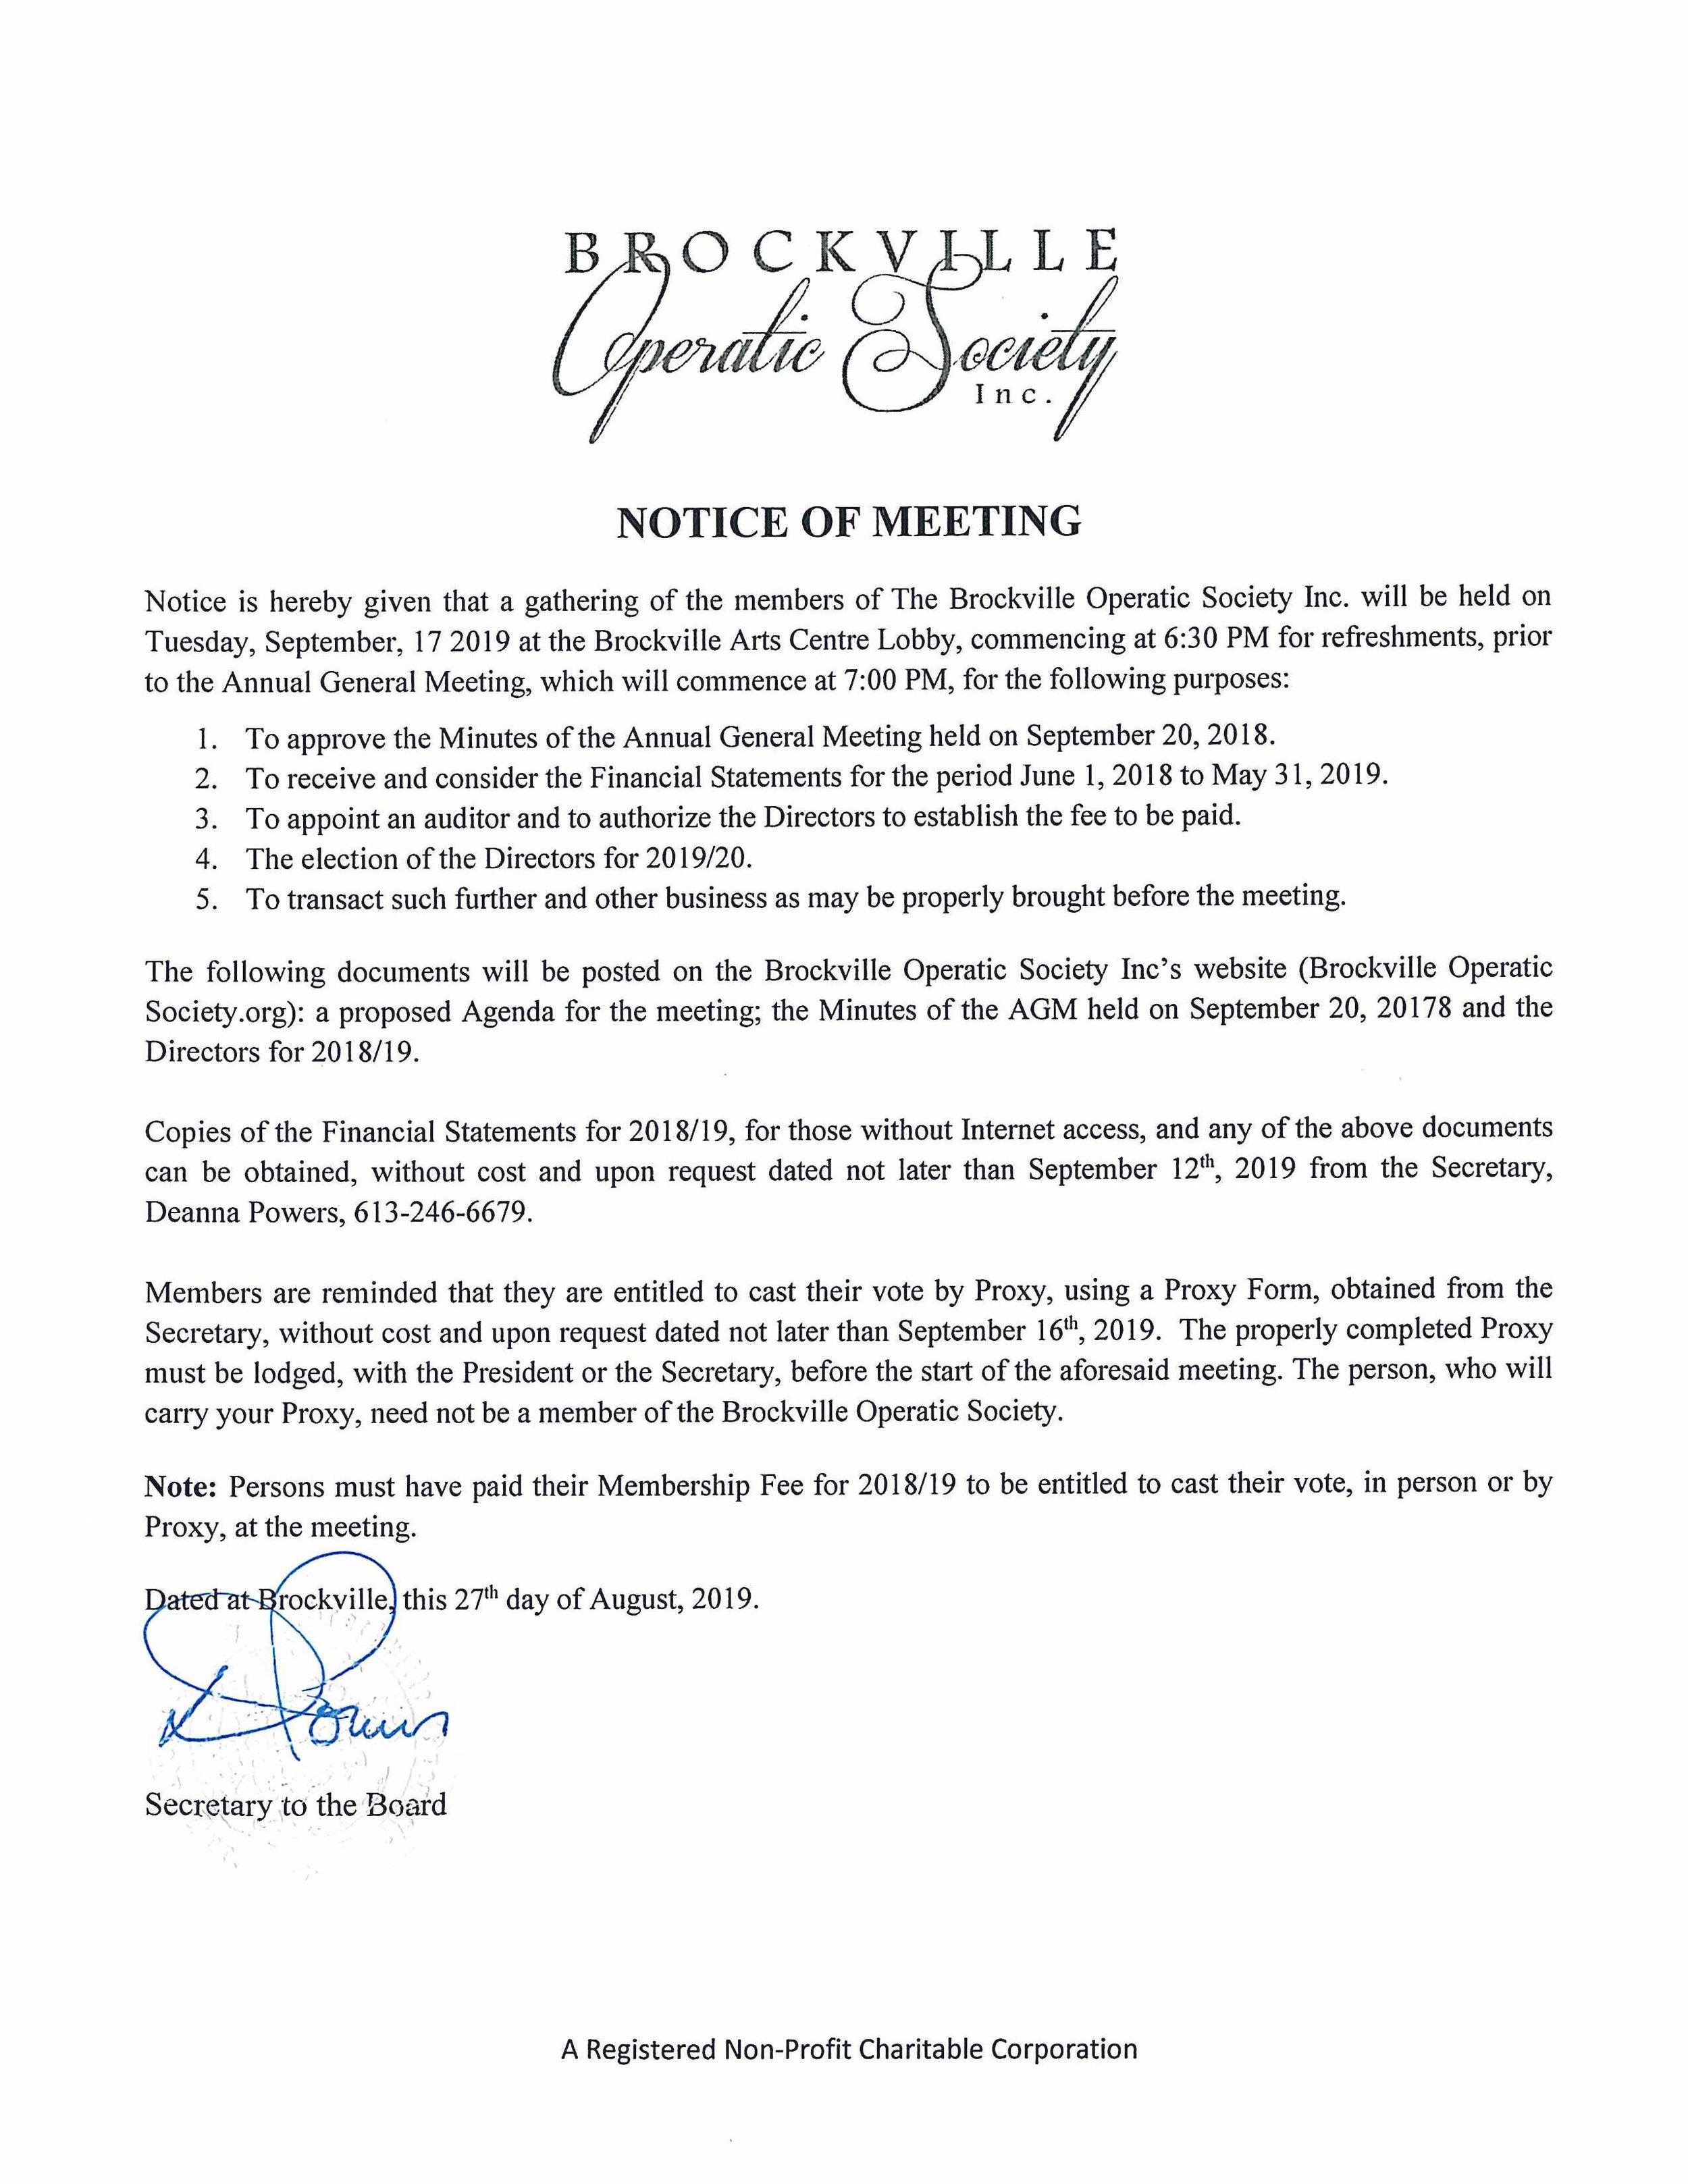 AGM Notice of Meeting 2019.jpg